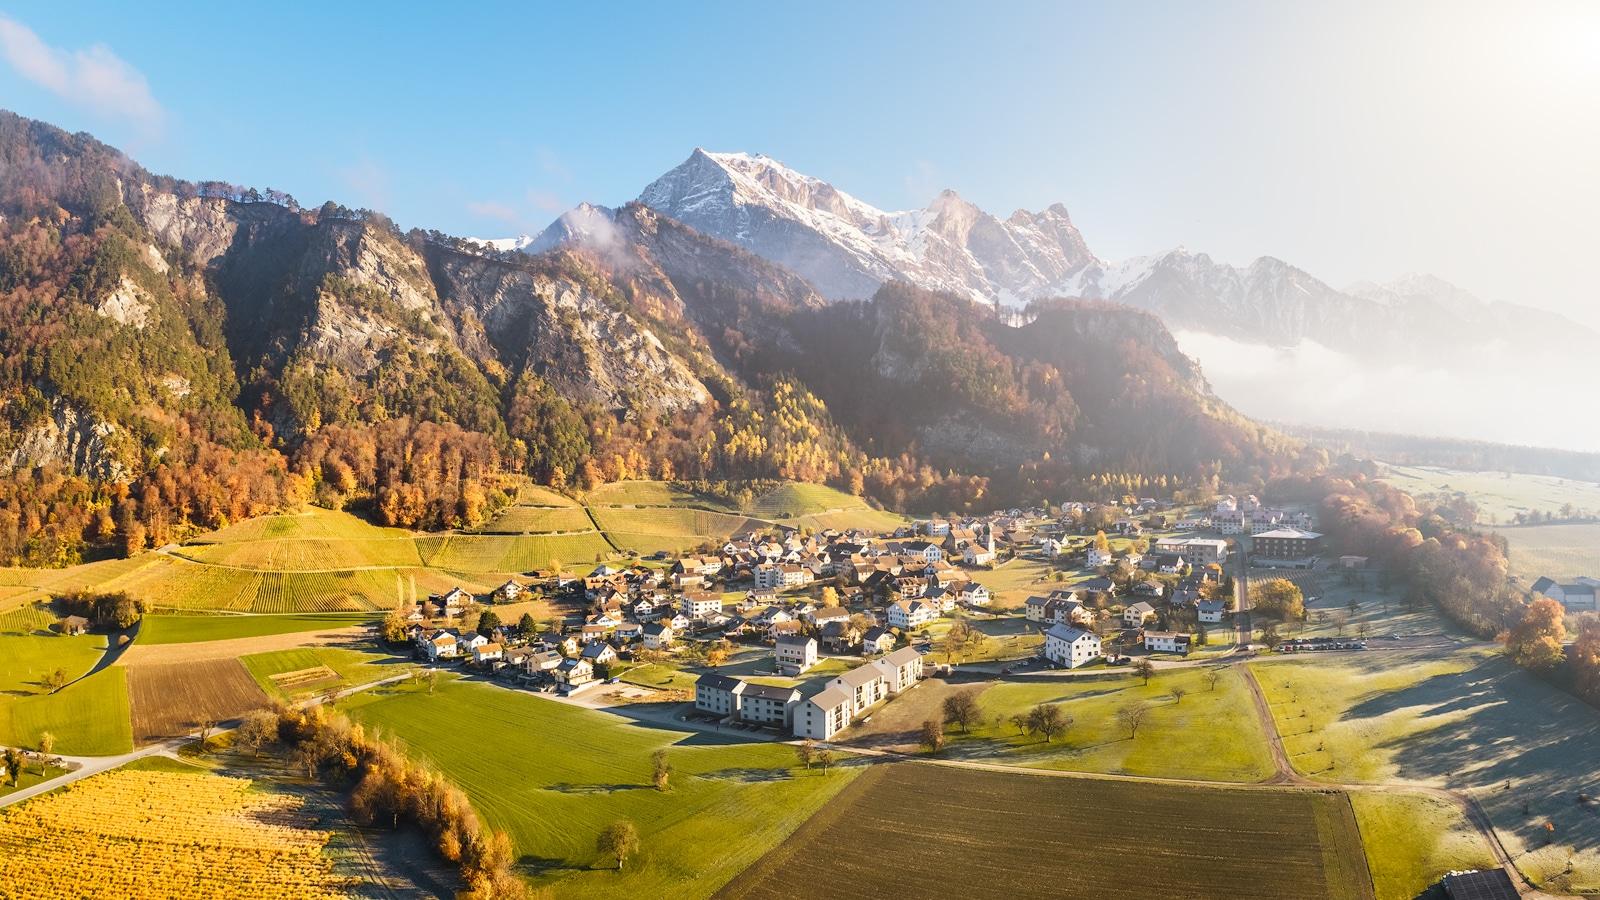 Das verträumte Dorf Fläsch/Graubünden im herbstlichen Morgenlicht